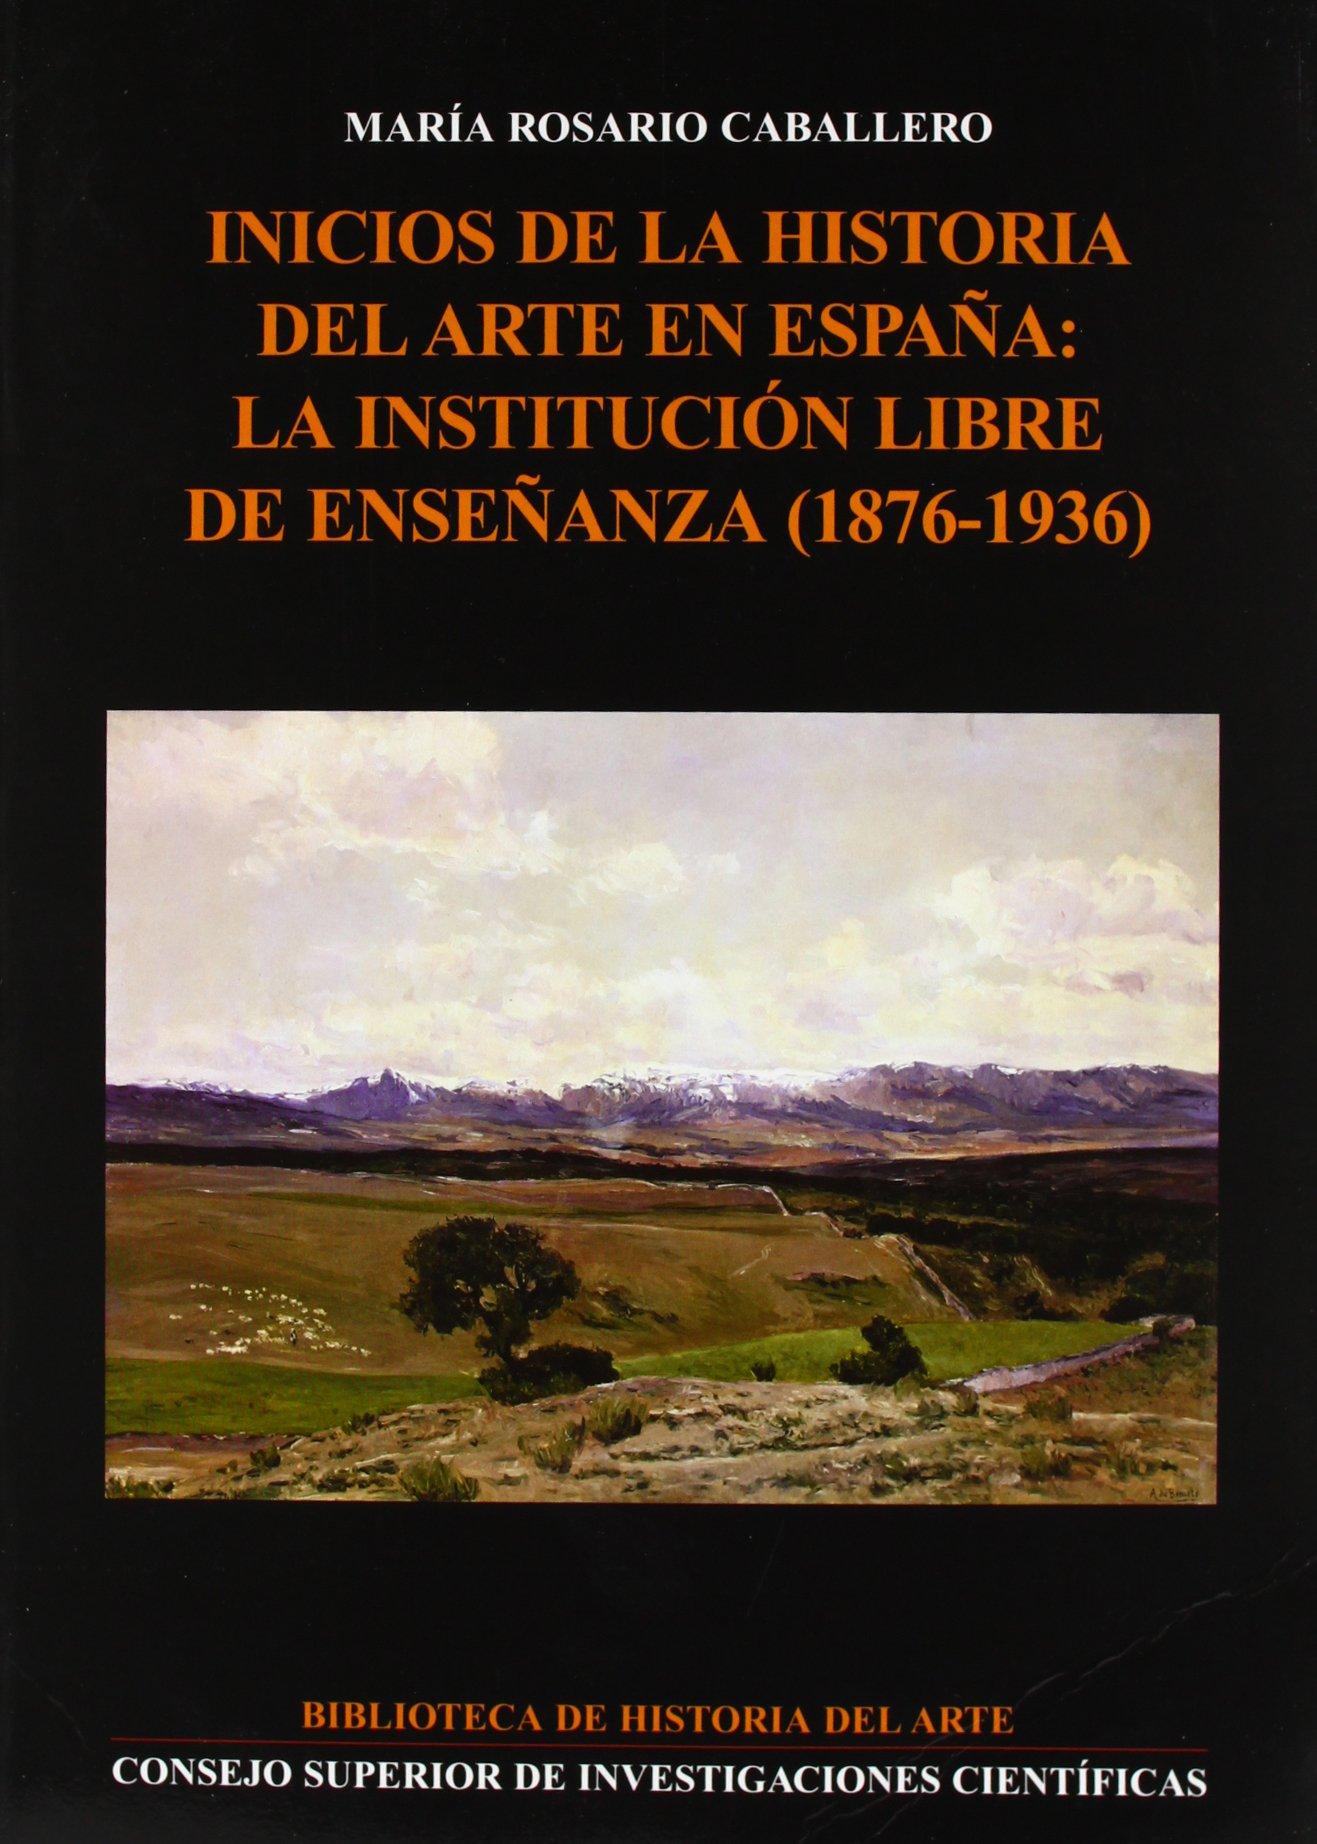 Inicios de la historia del arte en España: La Institución Libre de Enseñanza 1876-1936 Biblioteca de Historia del Arte: Amazon.es: Caballero Carrillo, Mª Rosario: Libros